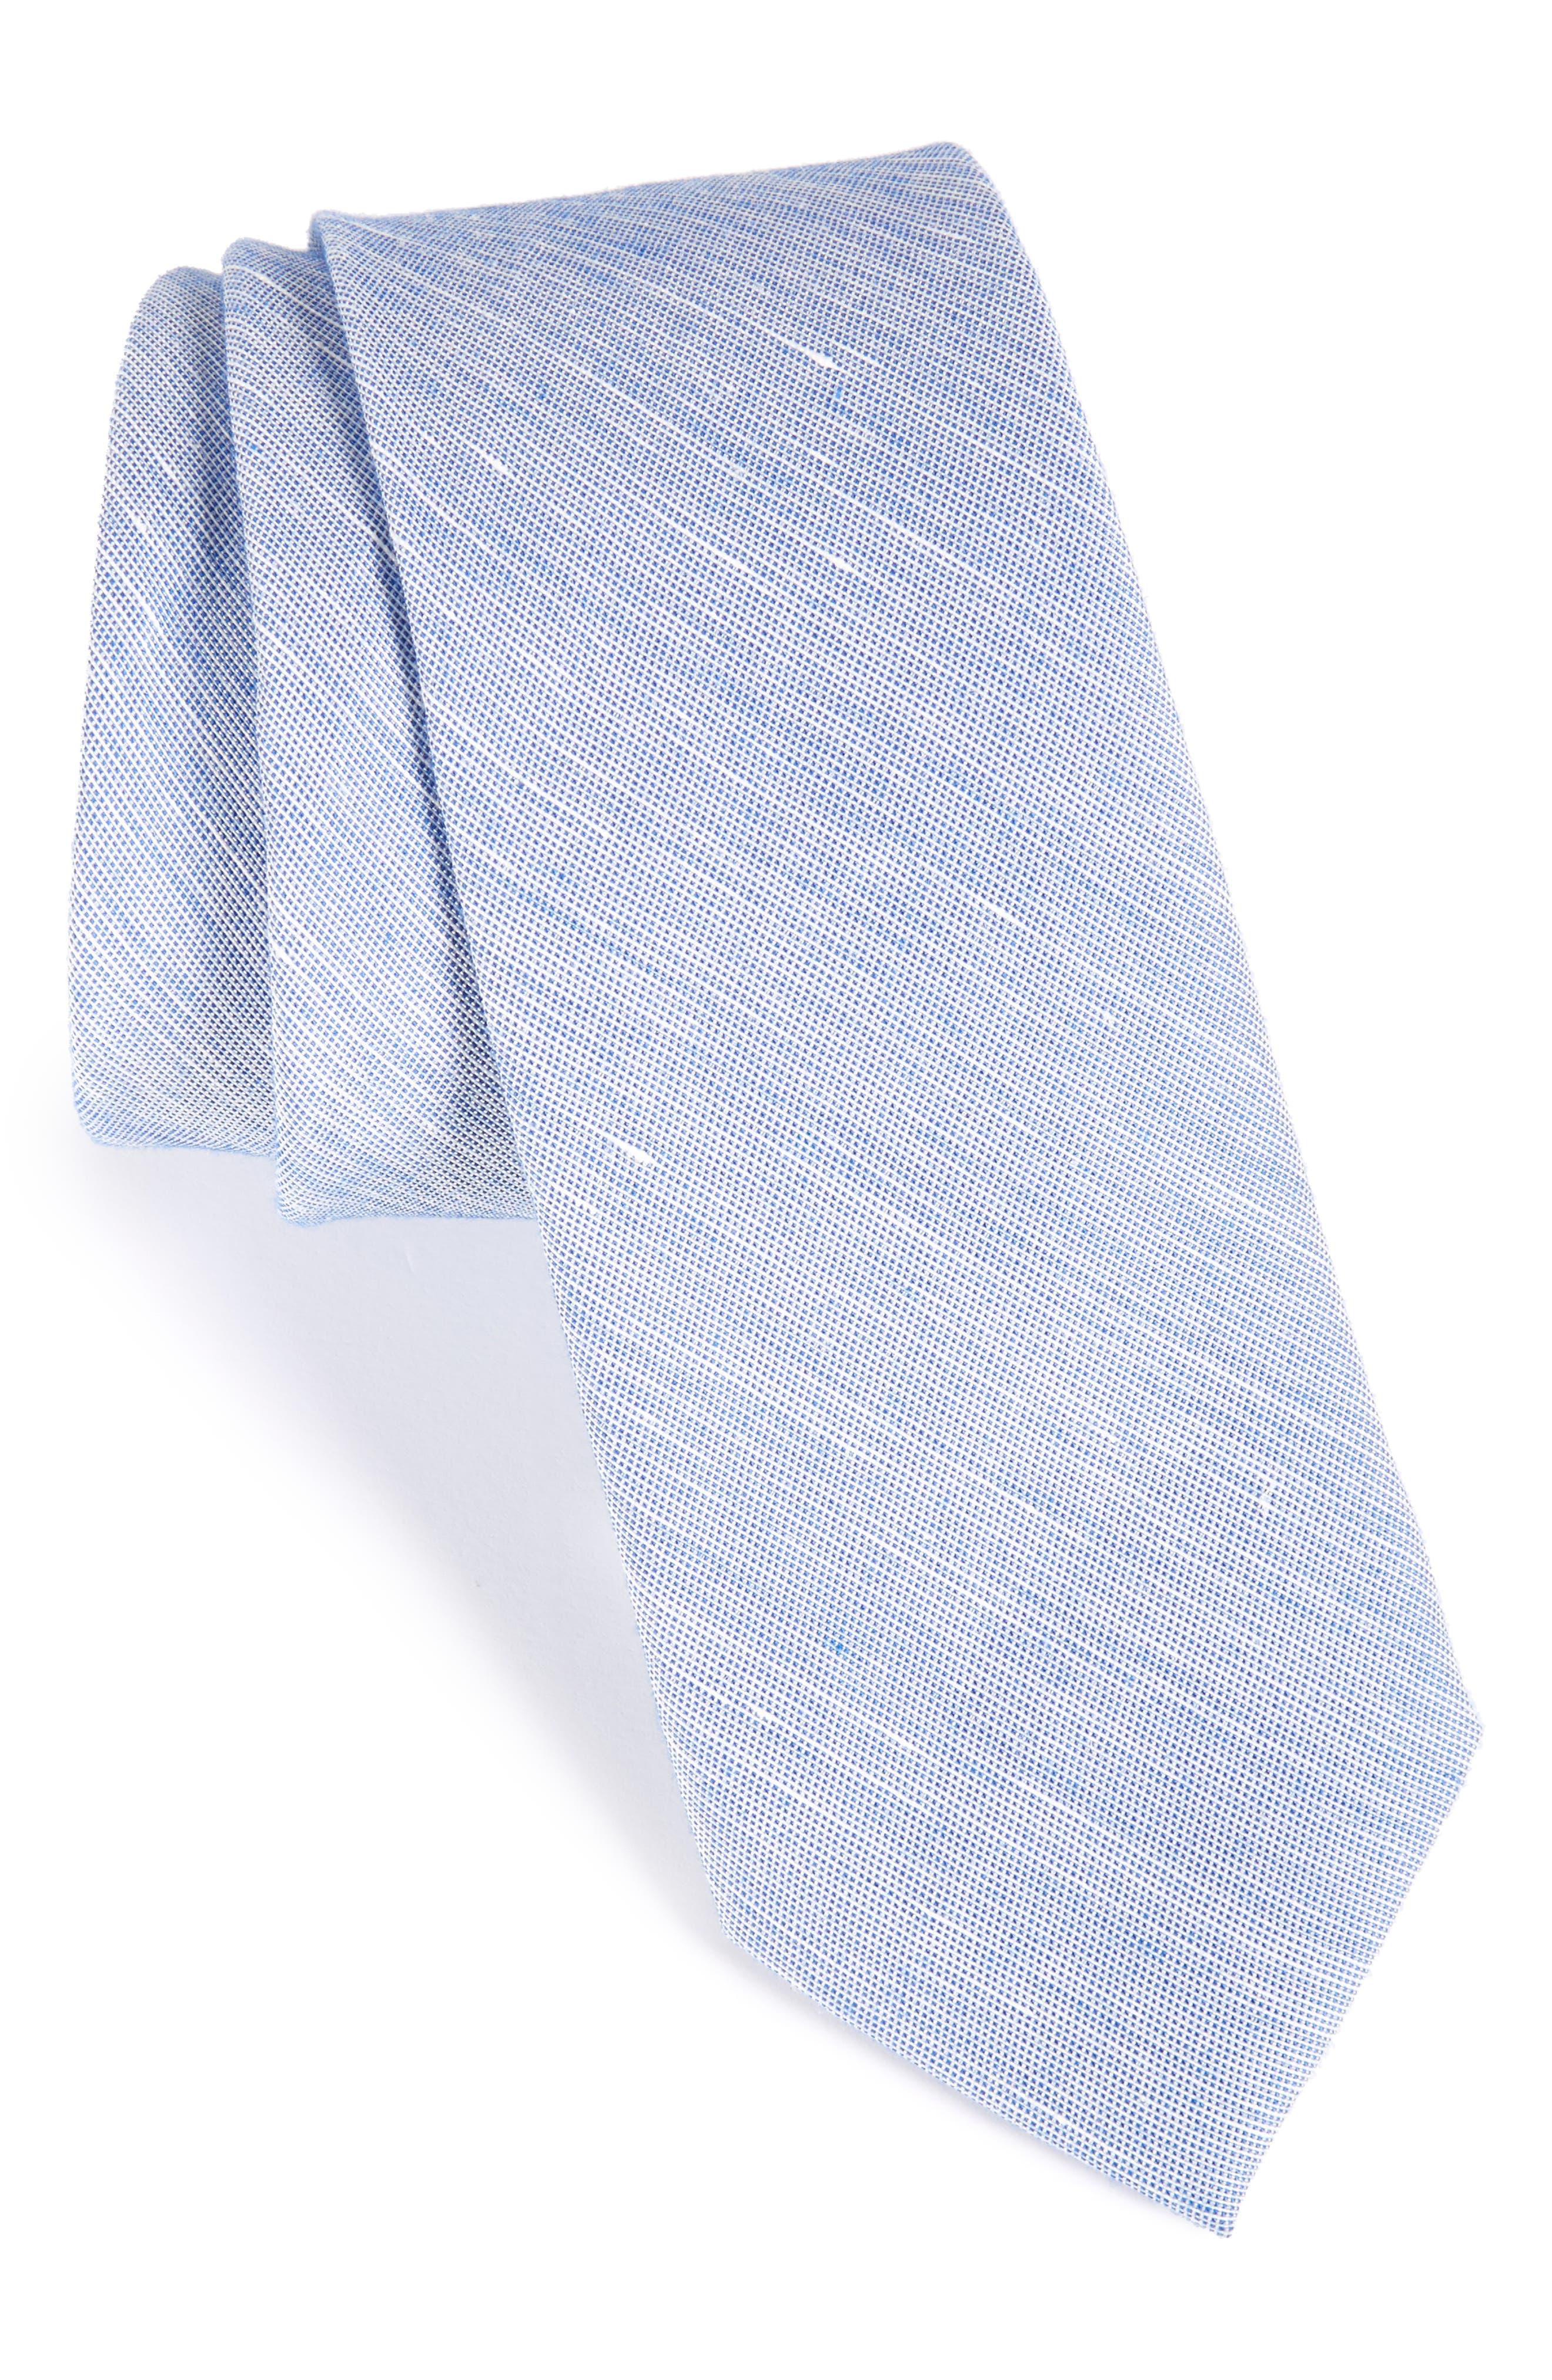 Alternate Image 1 Selected - Nordstrom Men's Shop Solid Silk Blend Skinny Tie